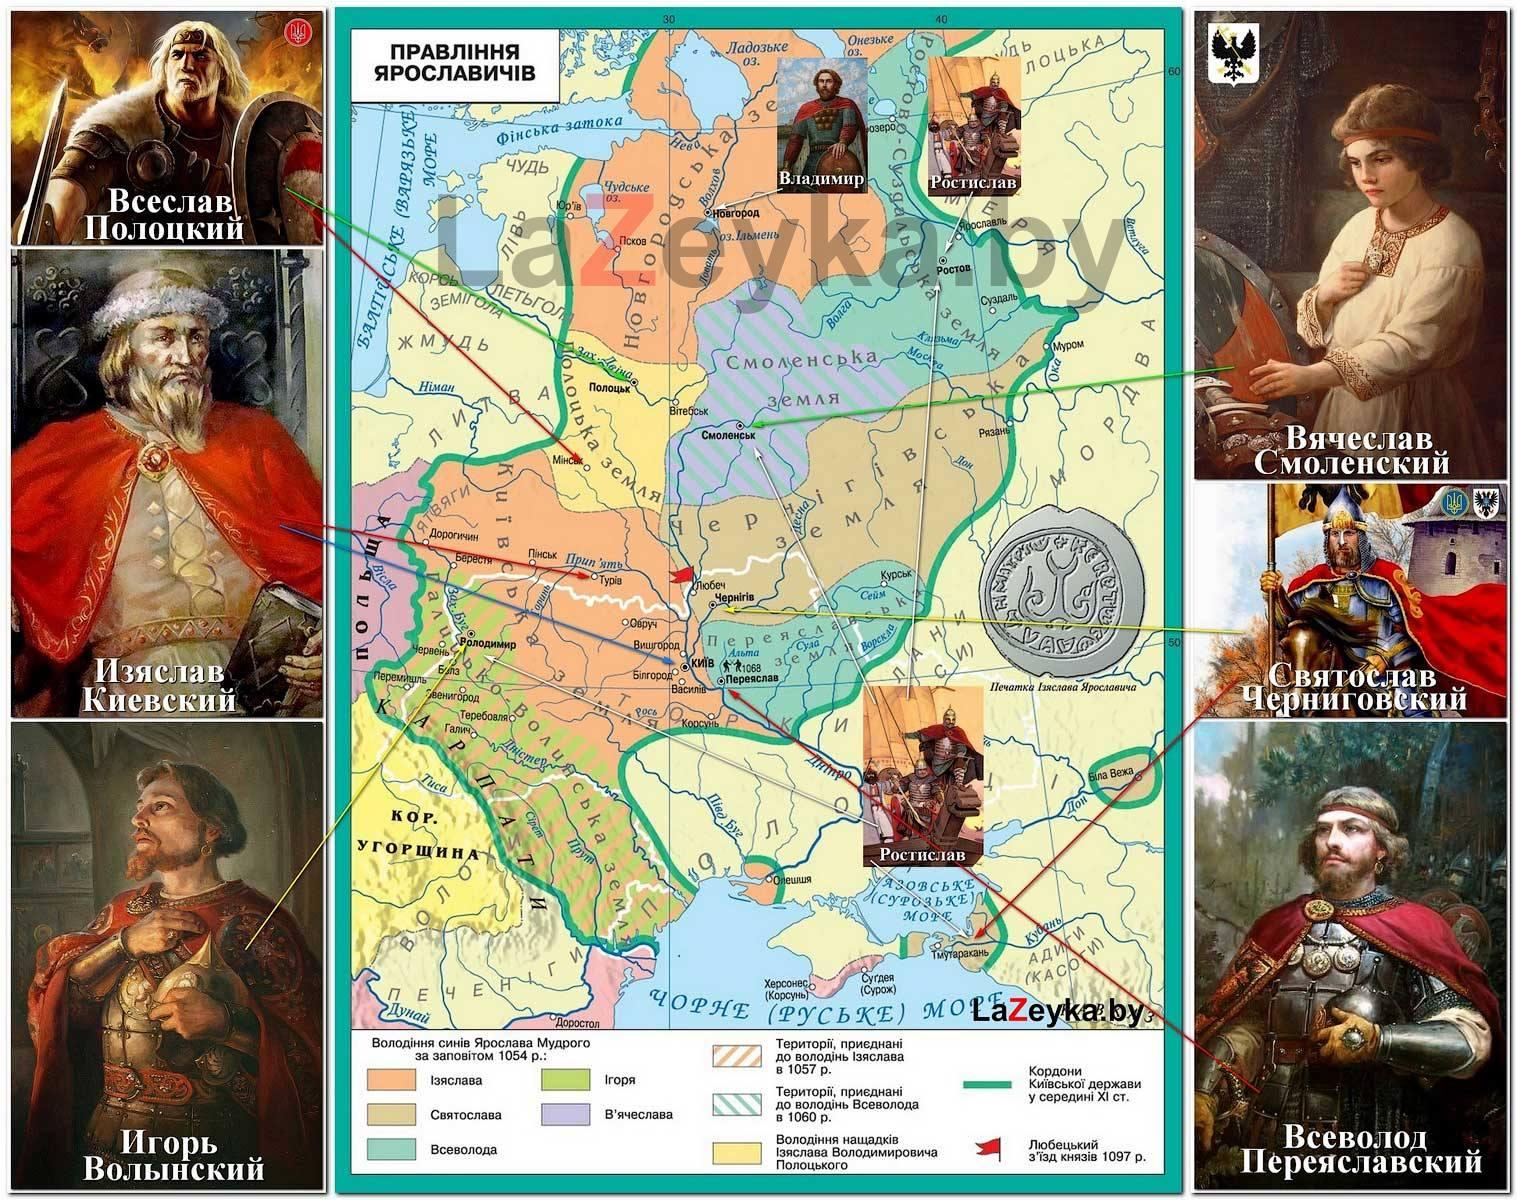 Карта правления Ярославичей и его «пасынков»